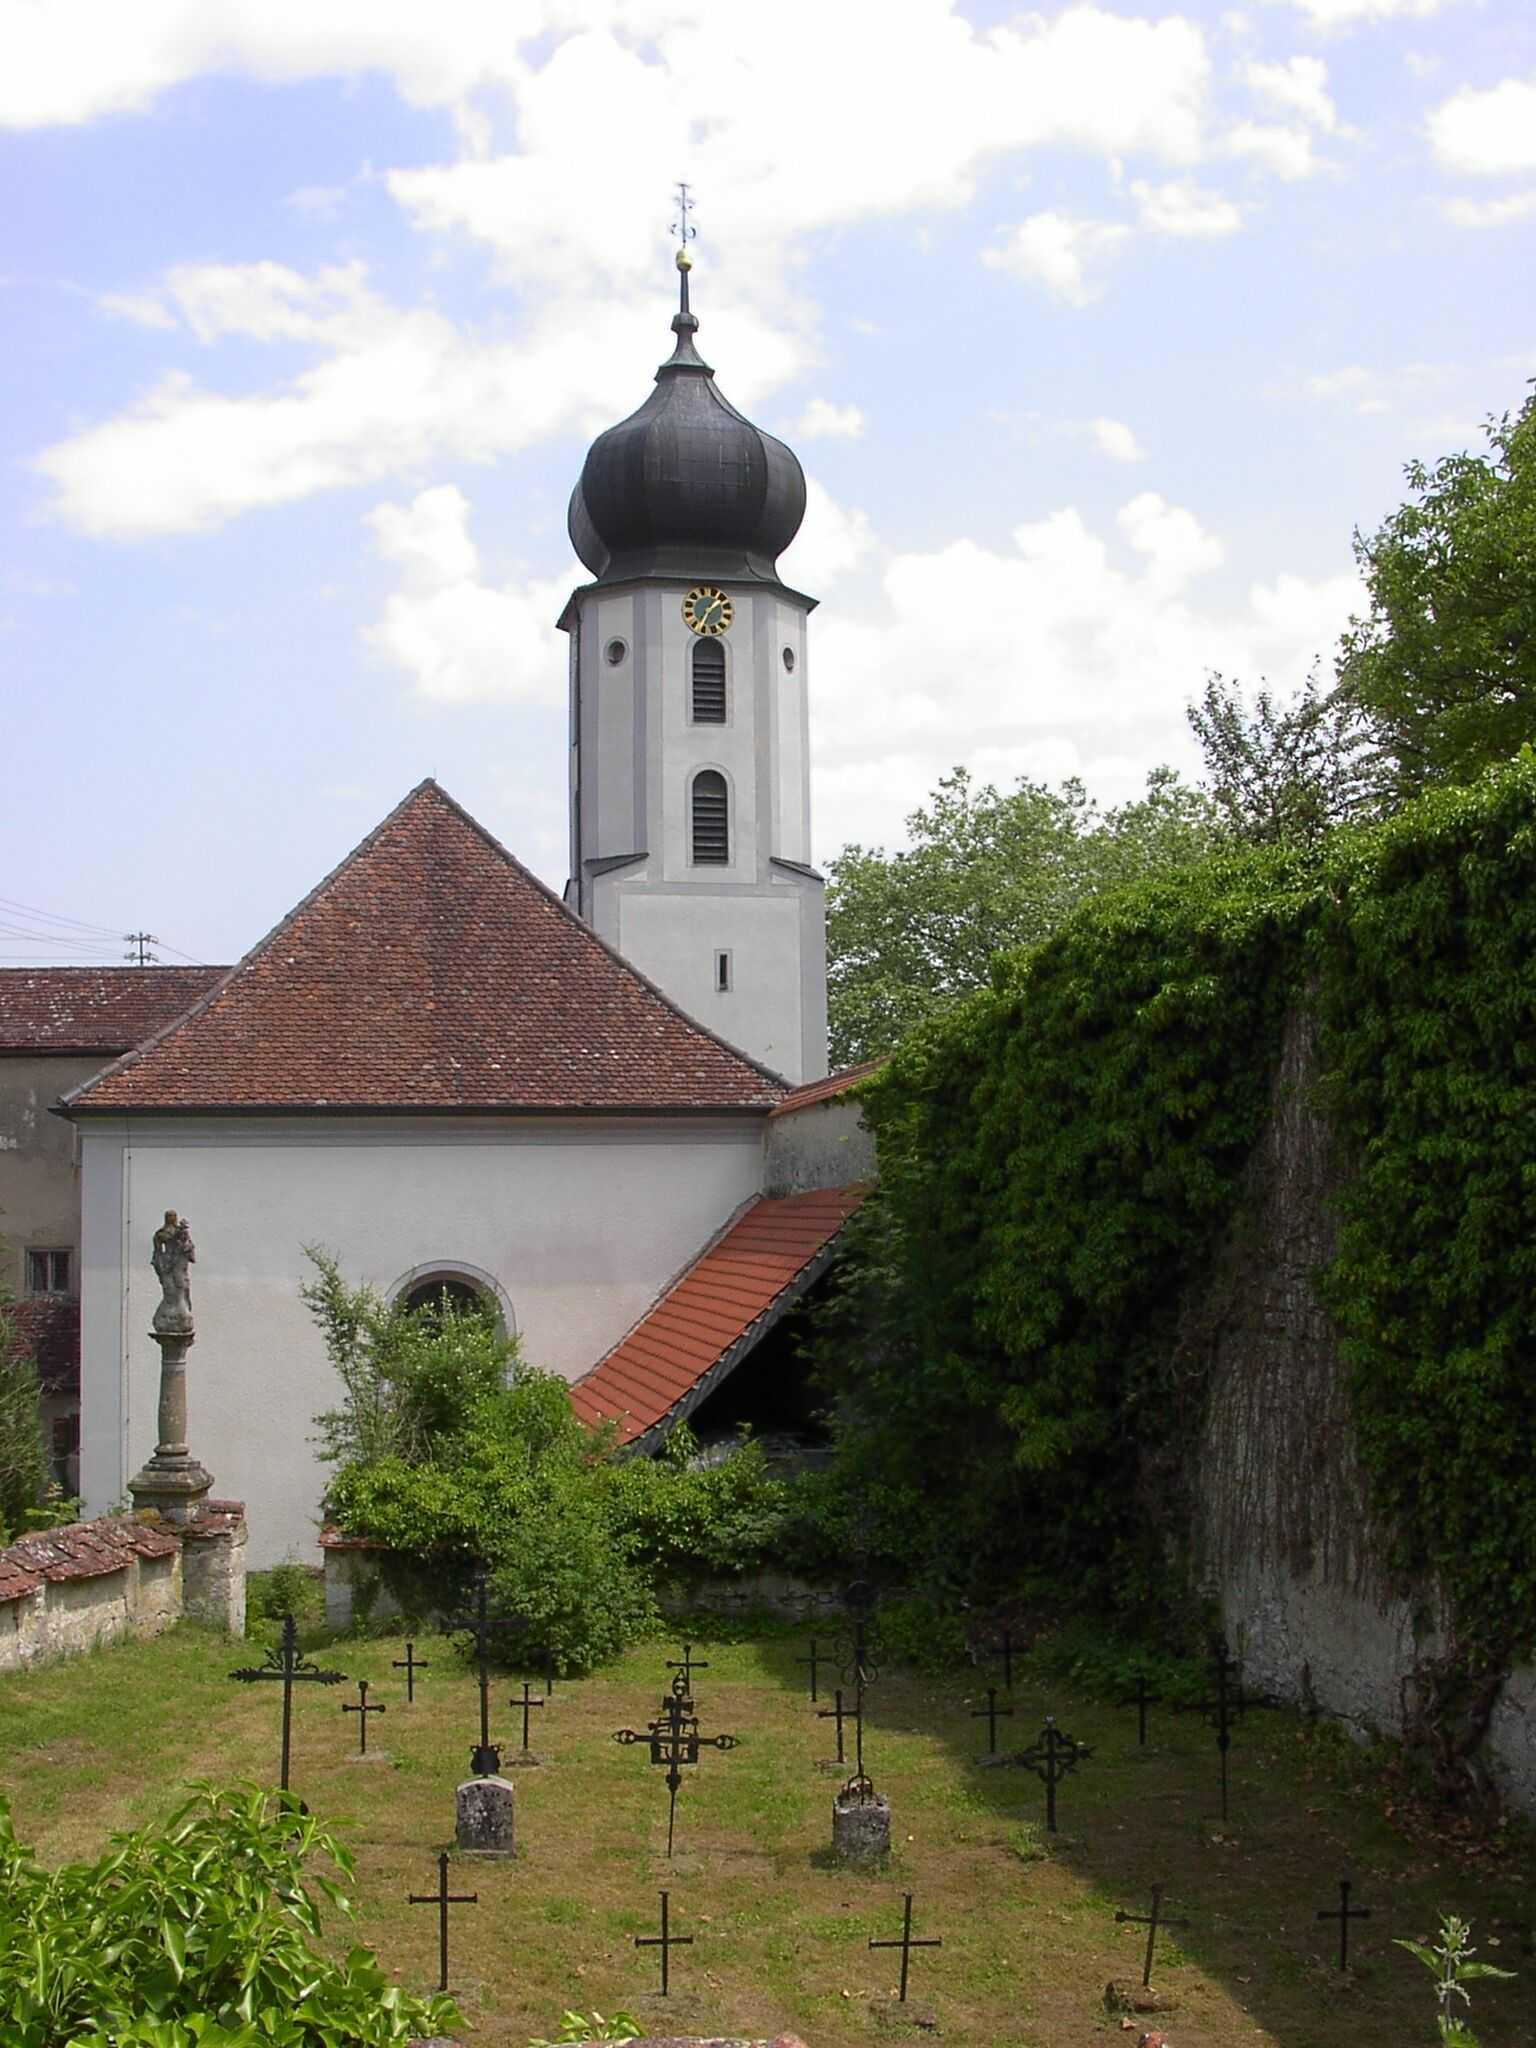 Ehemaliges Kloster Inzigkofen